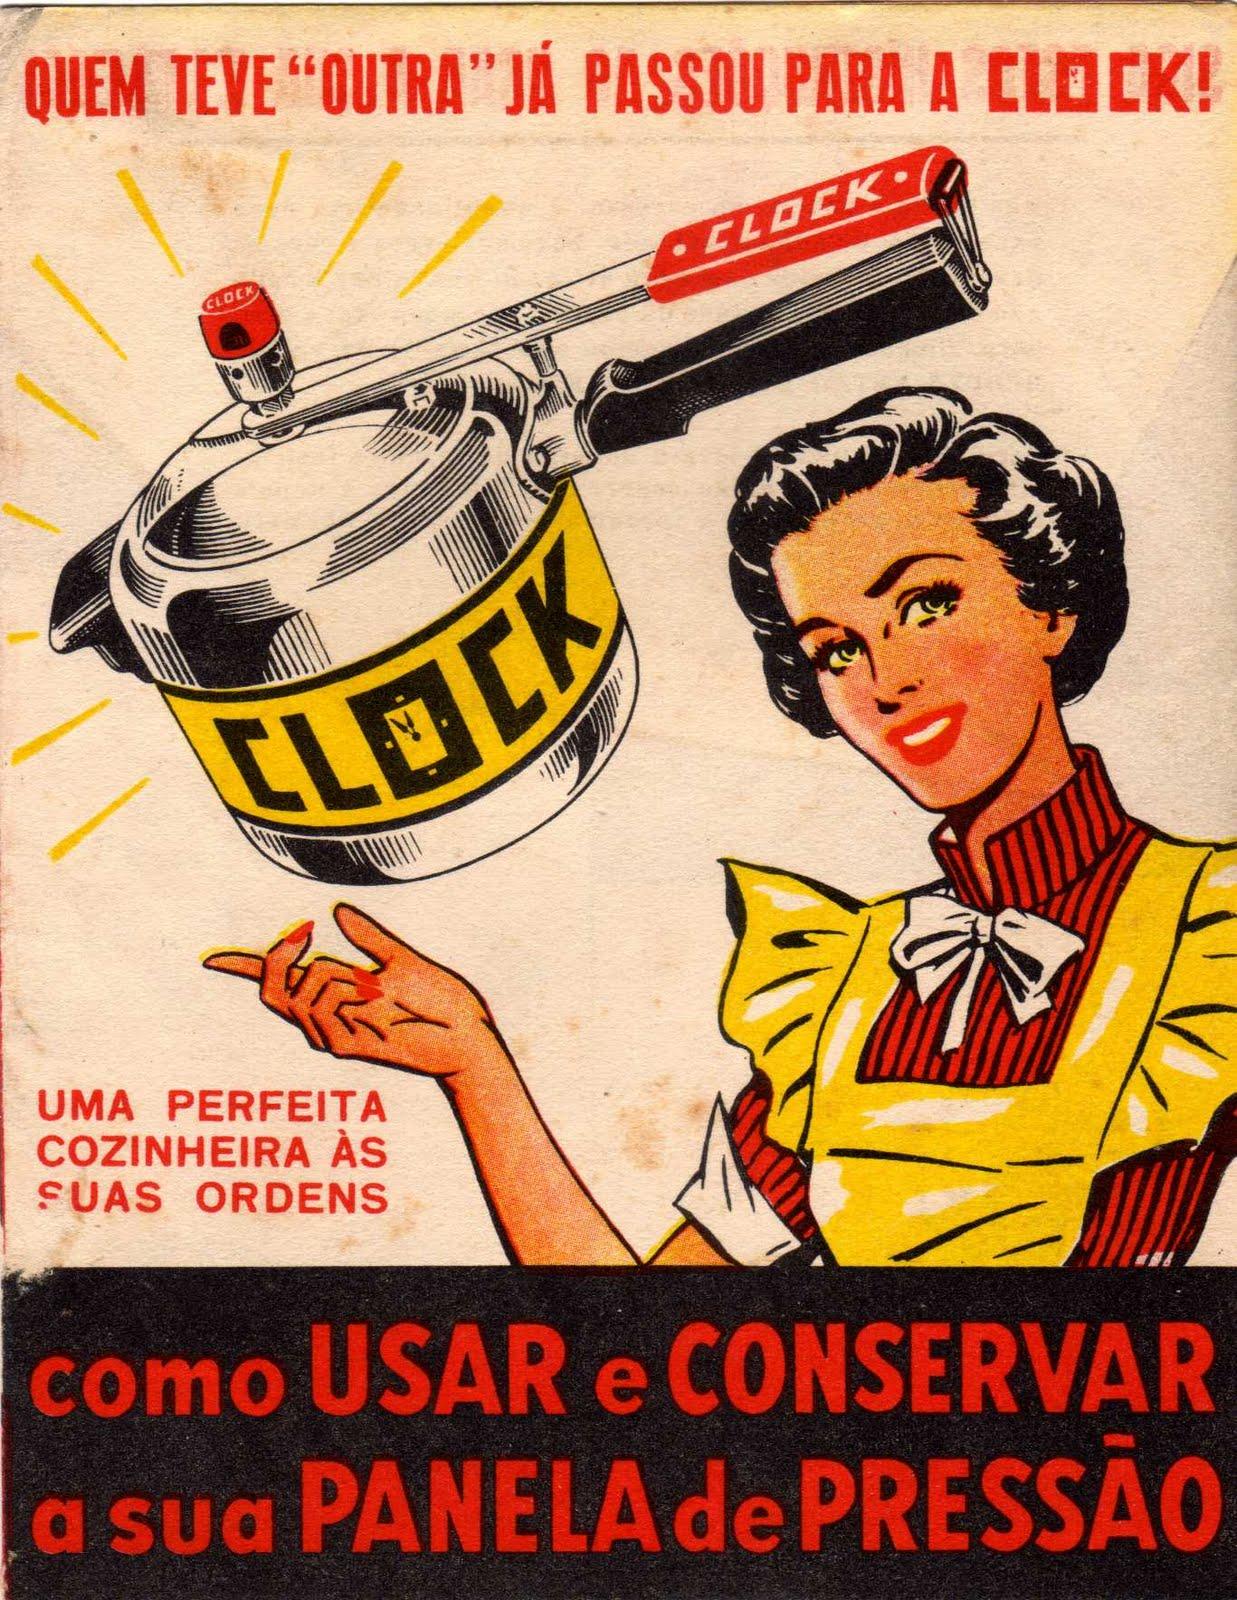 Propaganda antiga da Panela de Pressão Clock veiculada nos anos 50